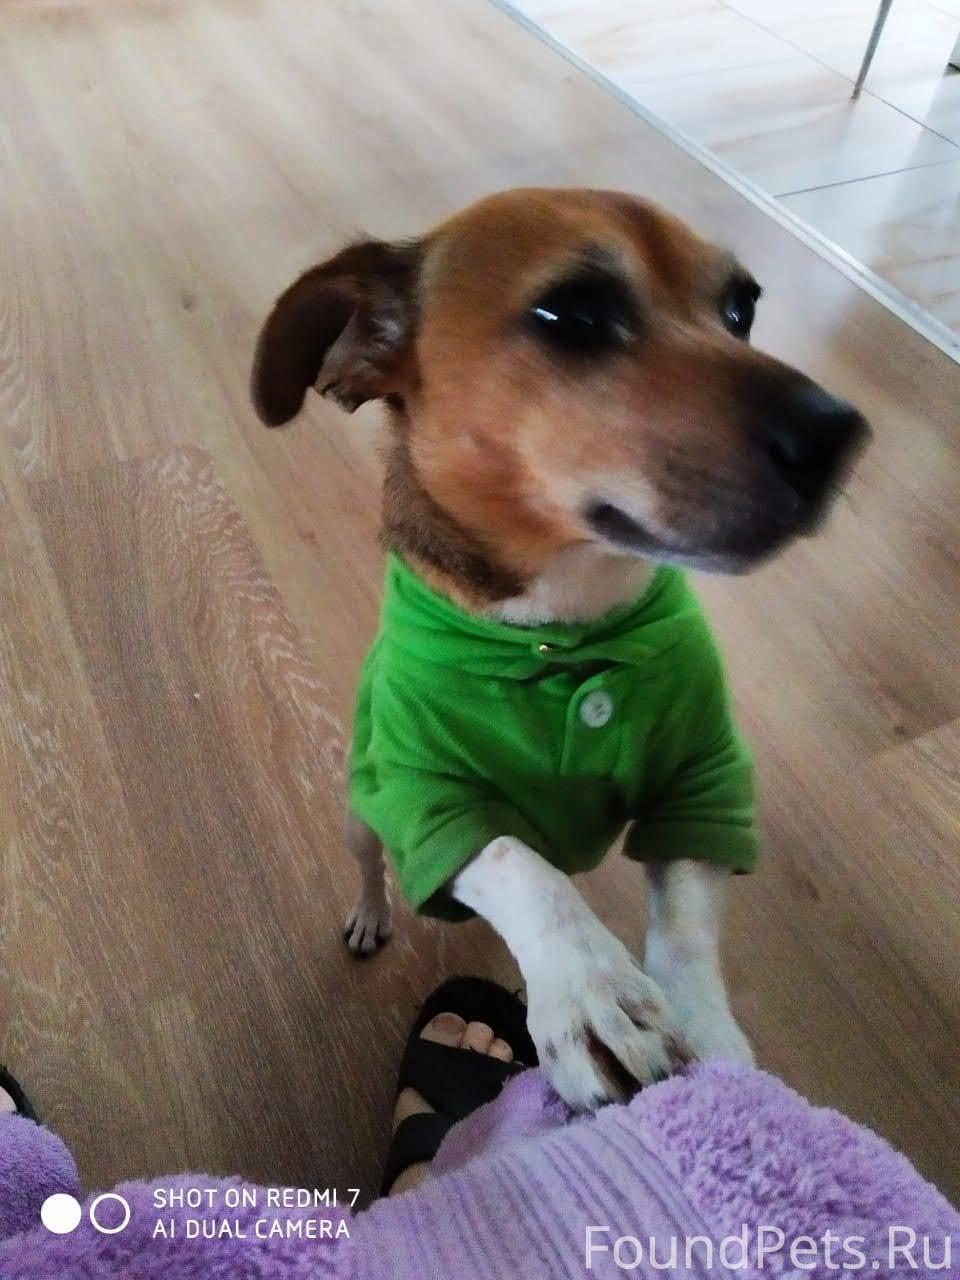 Собака из фильма «маска» с джимом керри: плюсы и минусы породы собак джек рассел терьер